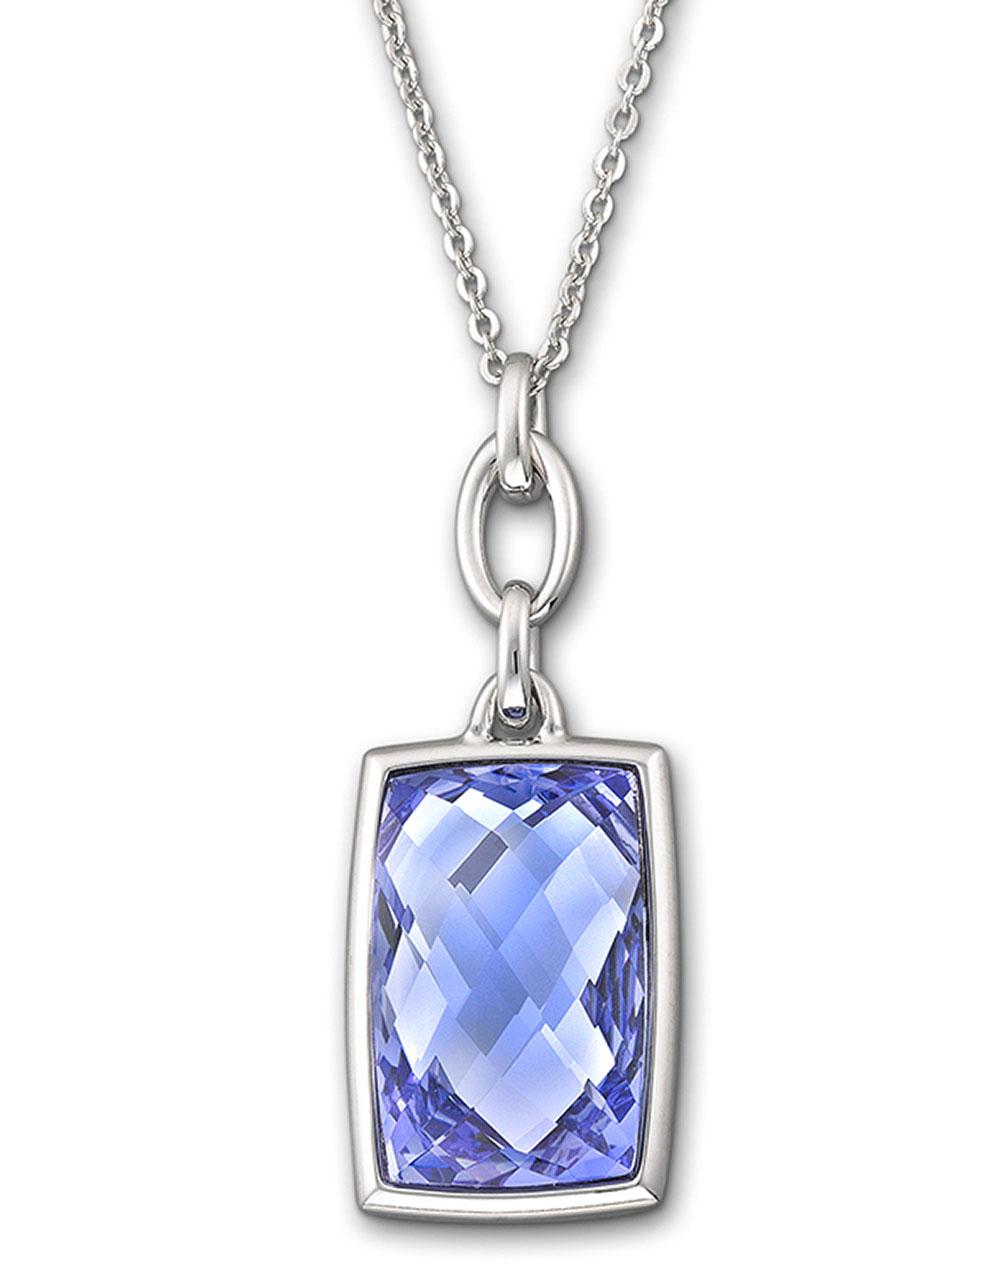 Swarovski nirvana tanzanite crystal pendant necklace in for Swarovski jewelry online store